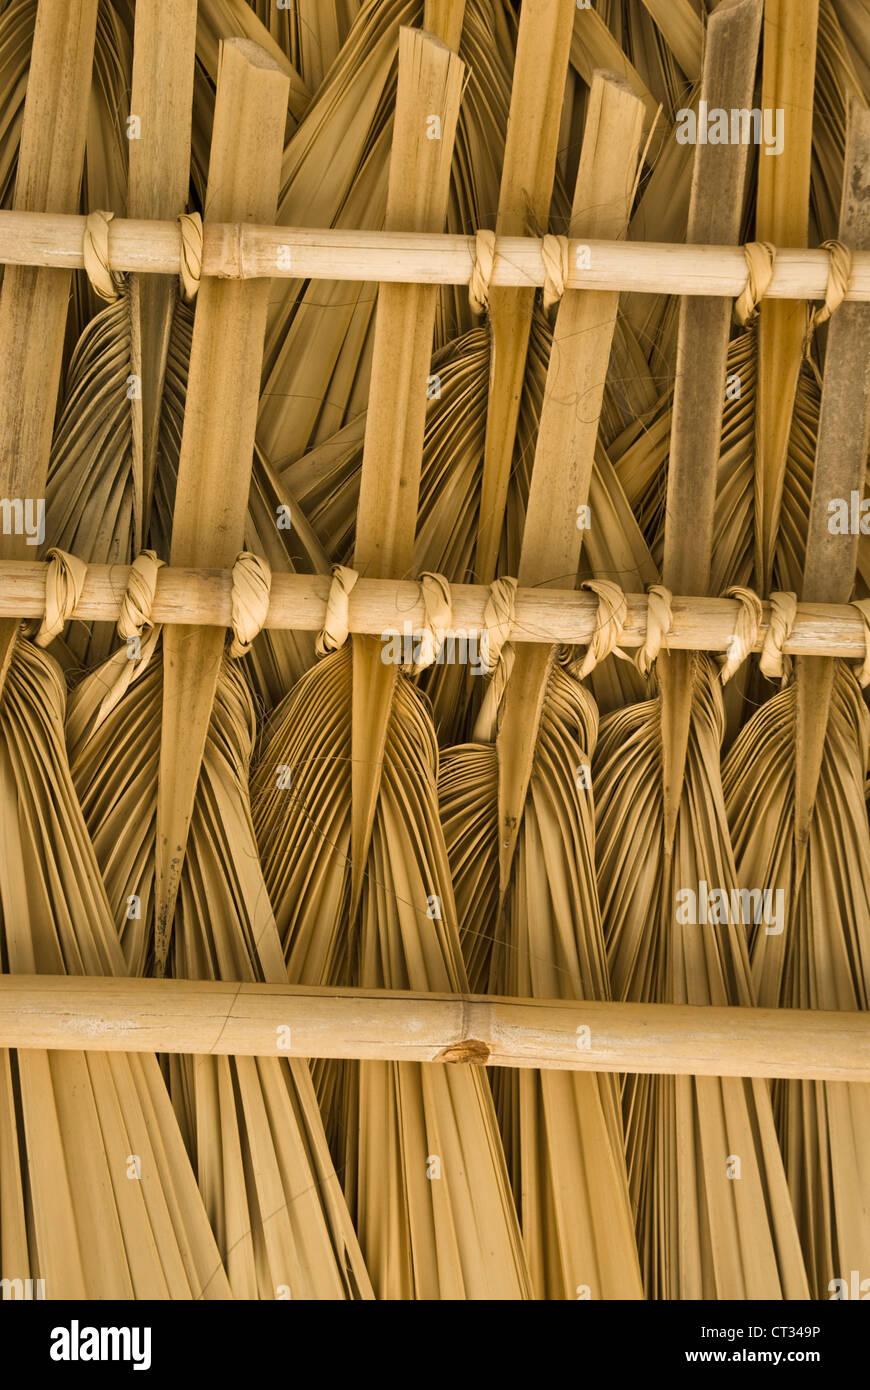 Cocos nucifera, Coconut palm - Stock Image